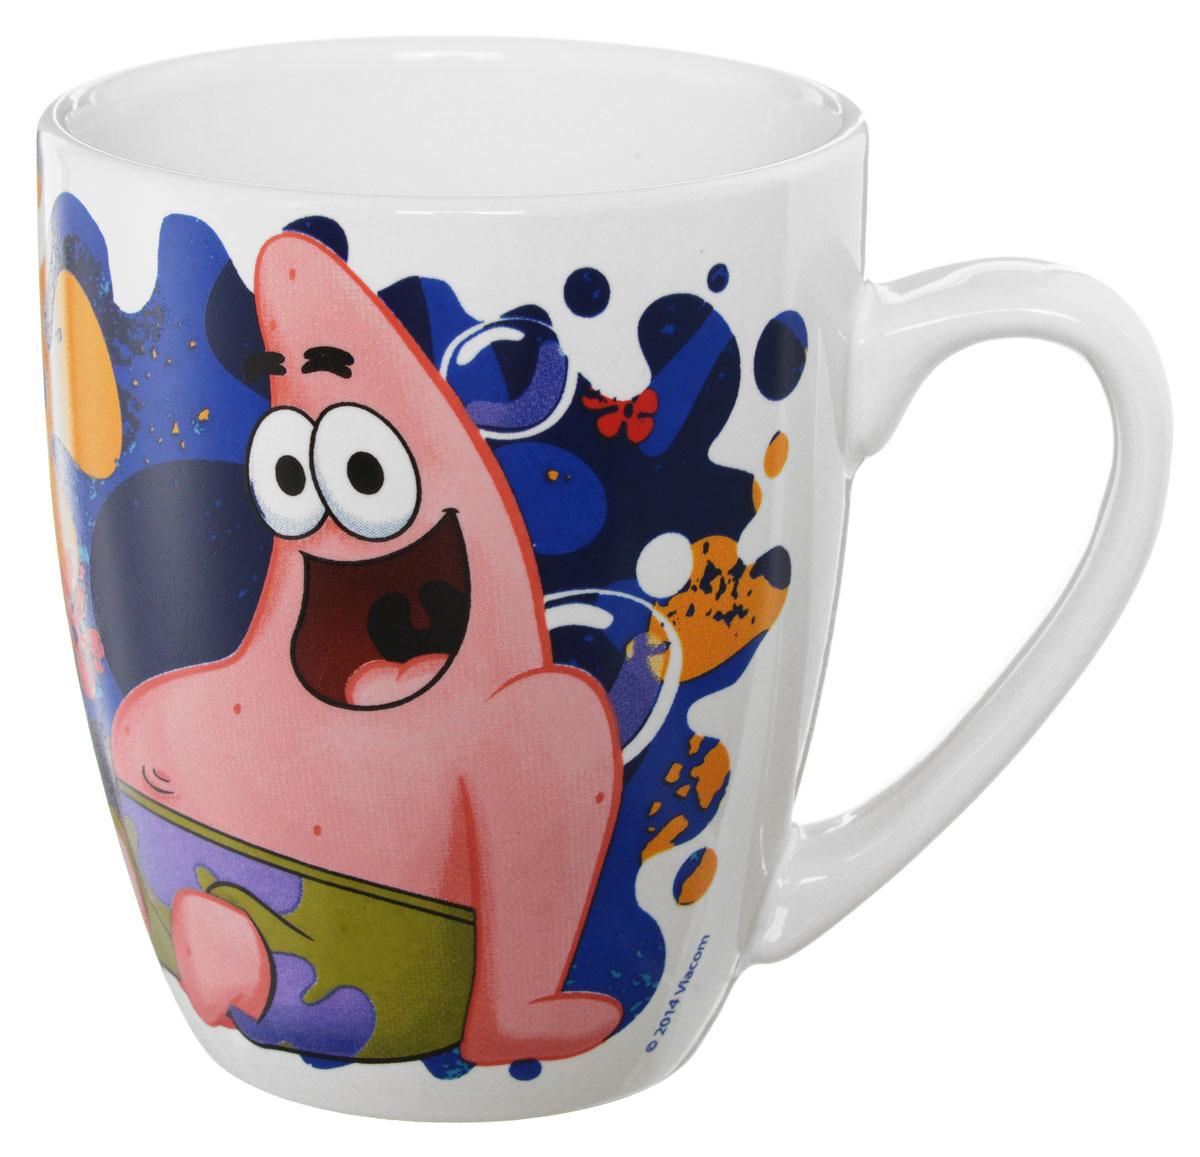 Губка Боб Кружка детская Океан счастья 350 млSBM350-3Детская кружка Губка Боб Океан счастья с любимыми героями станет отличным подарком для вашего ребенка. Она выполнена из керамики и оформлена изображением героев мультсериала Губка Боб.Кружка дополнена удобной ручкой. Такой подарок станет не только приятным, но и практичным сувениром: кружка будет незаменимым атрибутом чаепития, а оригинальное оформление кружки добавит ярких эмоций и хорошего настроения.Можно использовать в СВЧ-печи и посудомоечной машине.